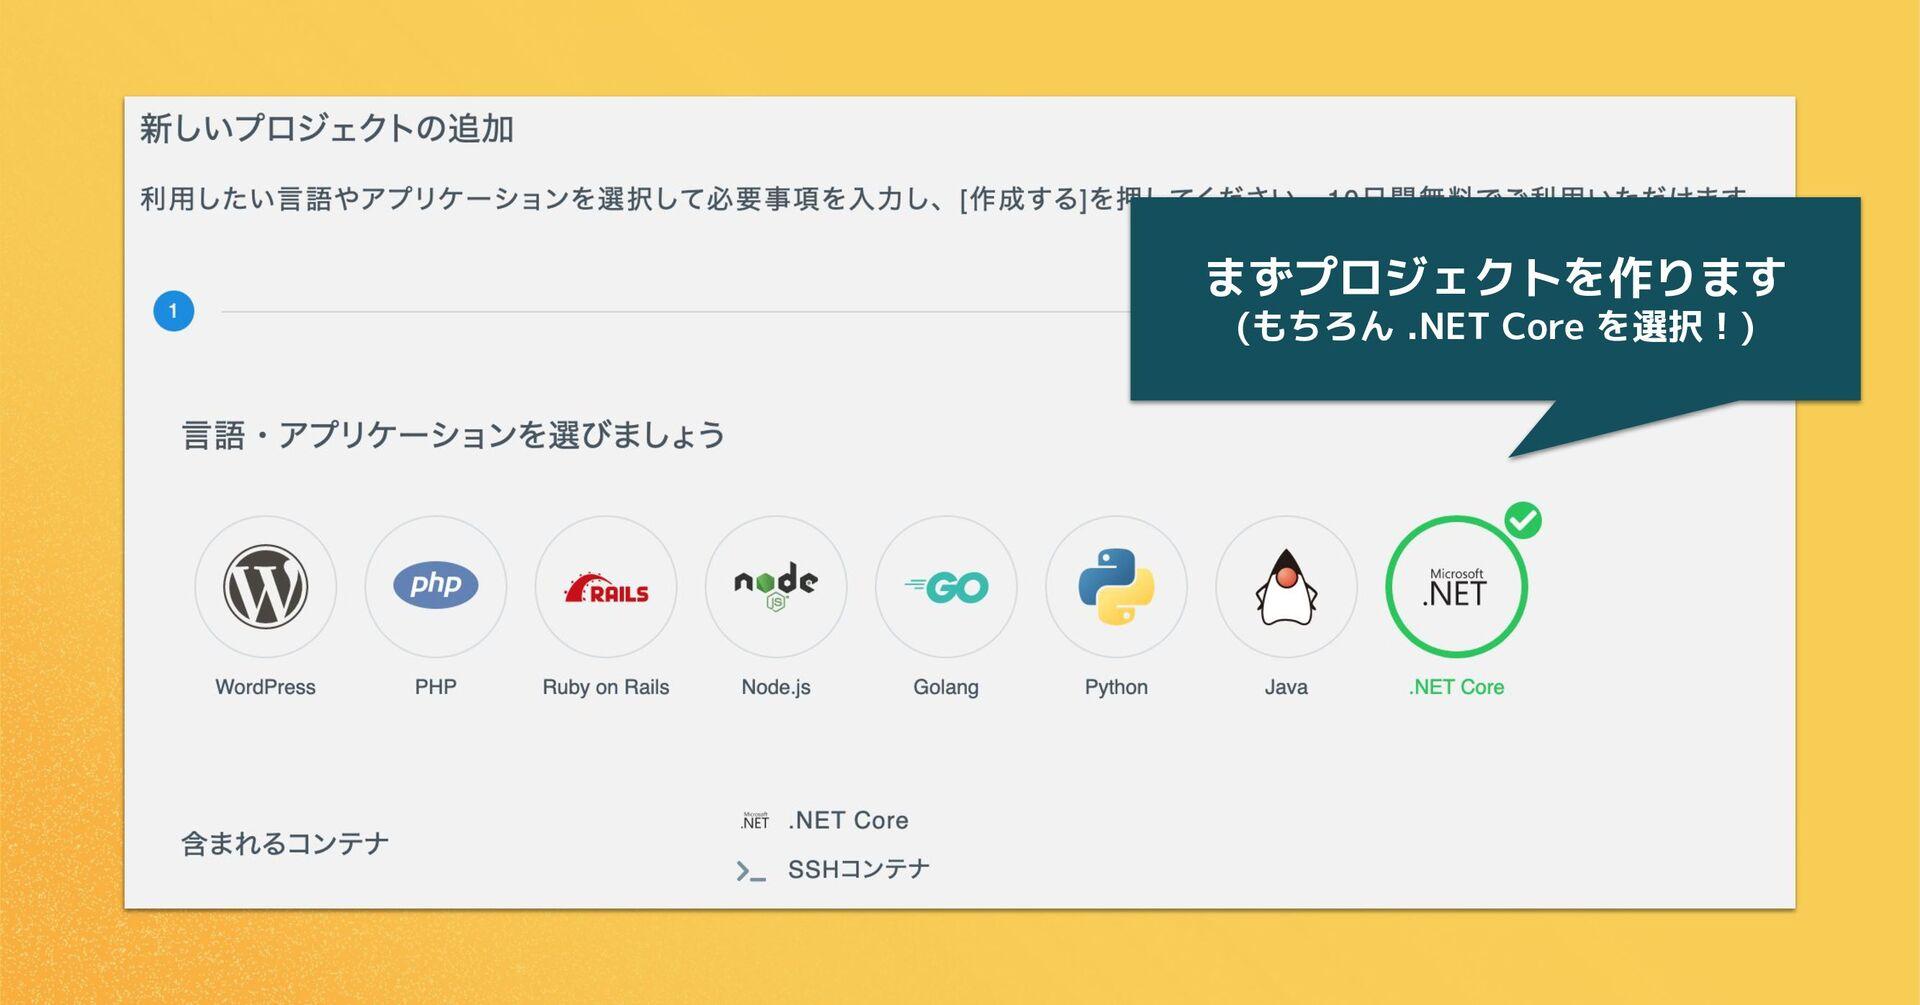 まずプロジェクトを作ります (もちろん .NET Core を選択!)